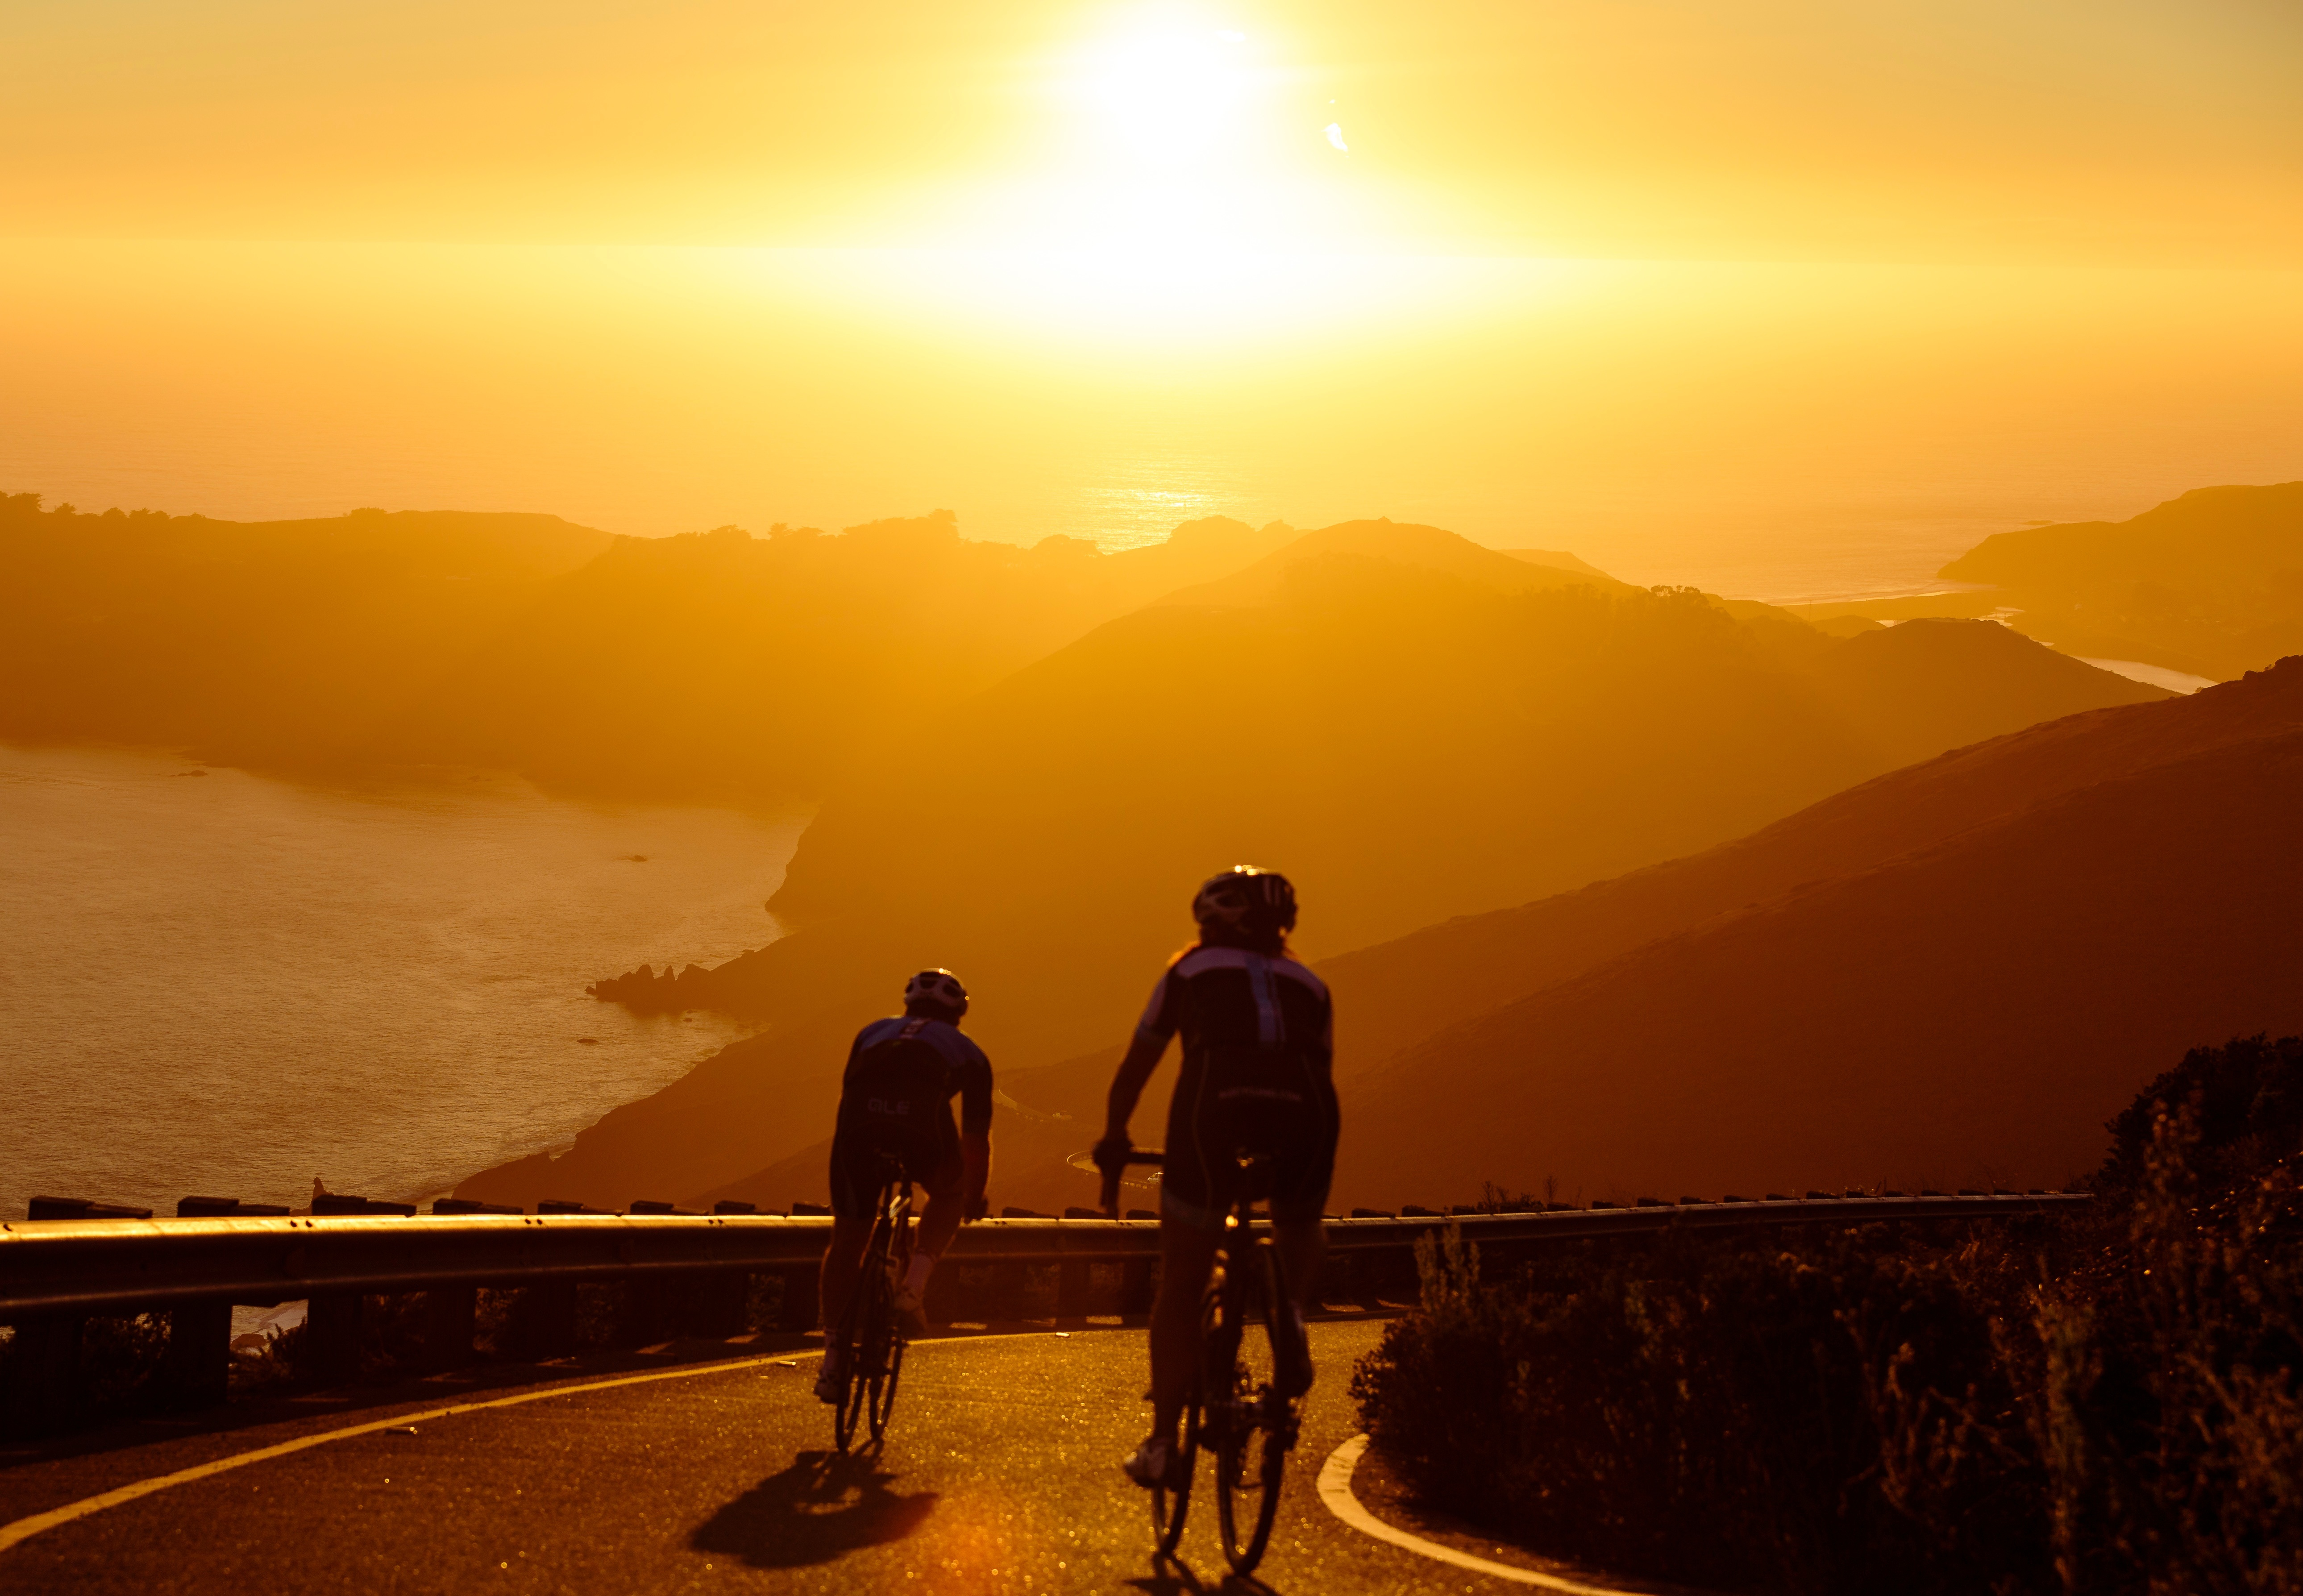 Cycling at sundown